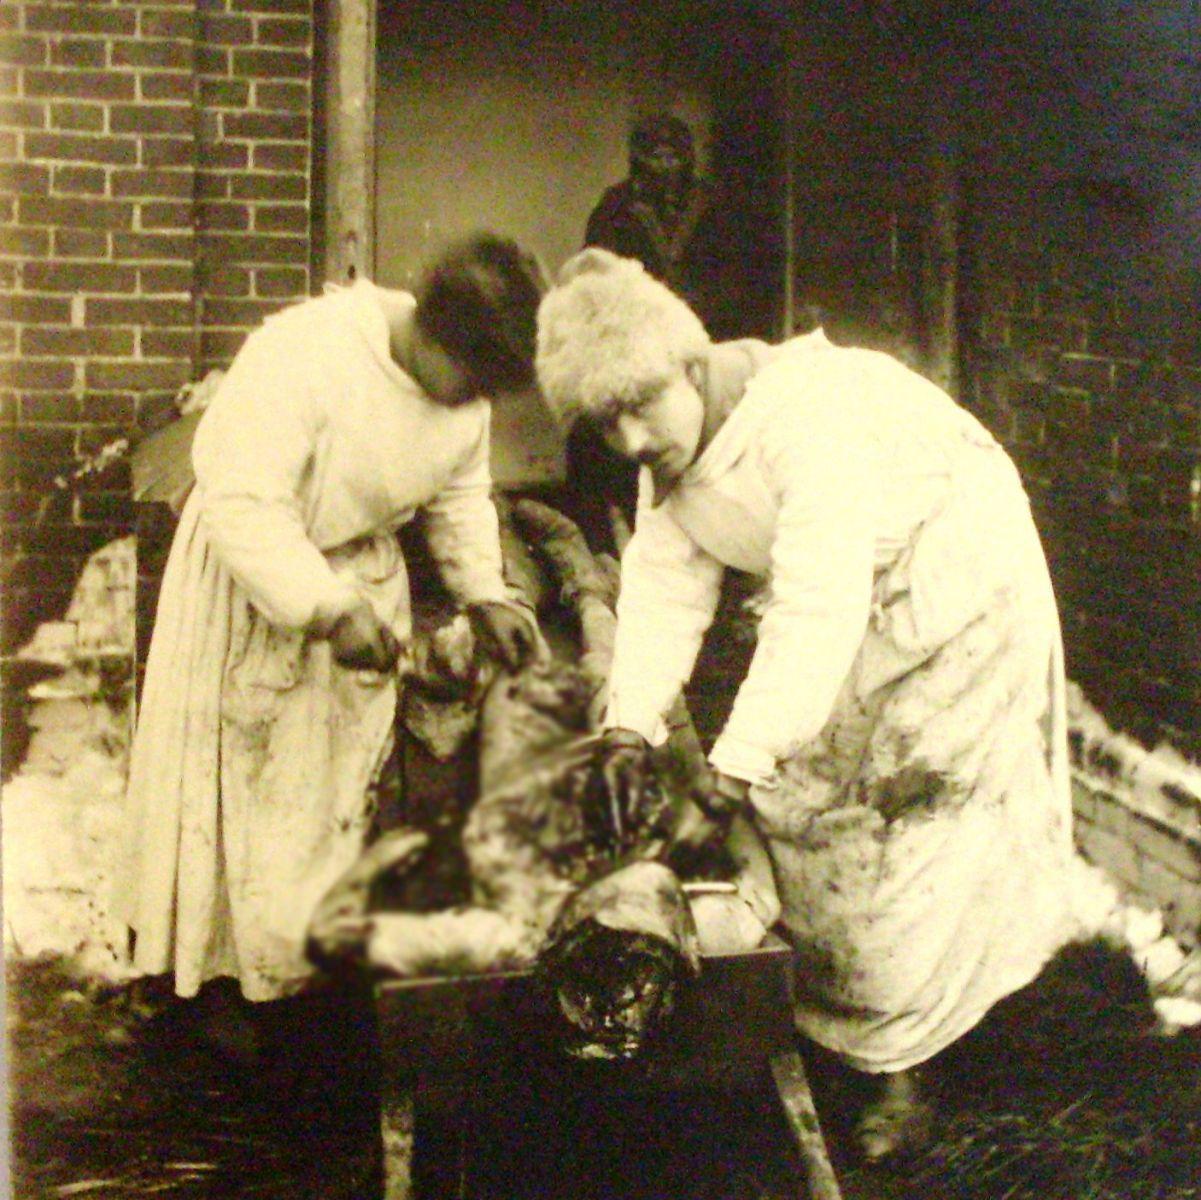 Експерти у Змійові оглядають трупи денікінських жертв. 1 січня 1920 року